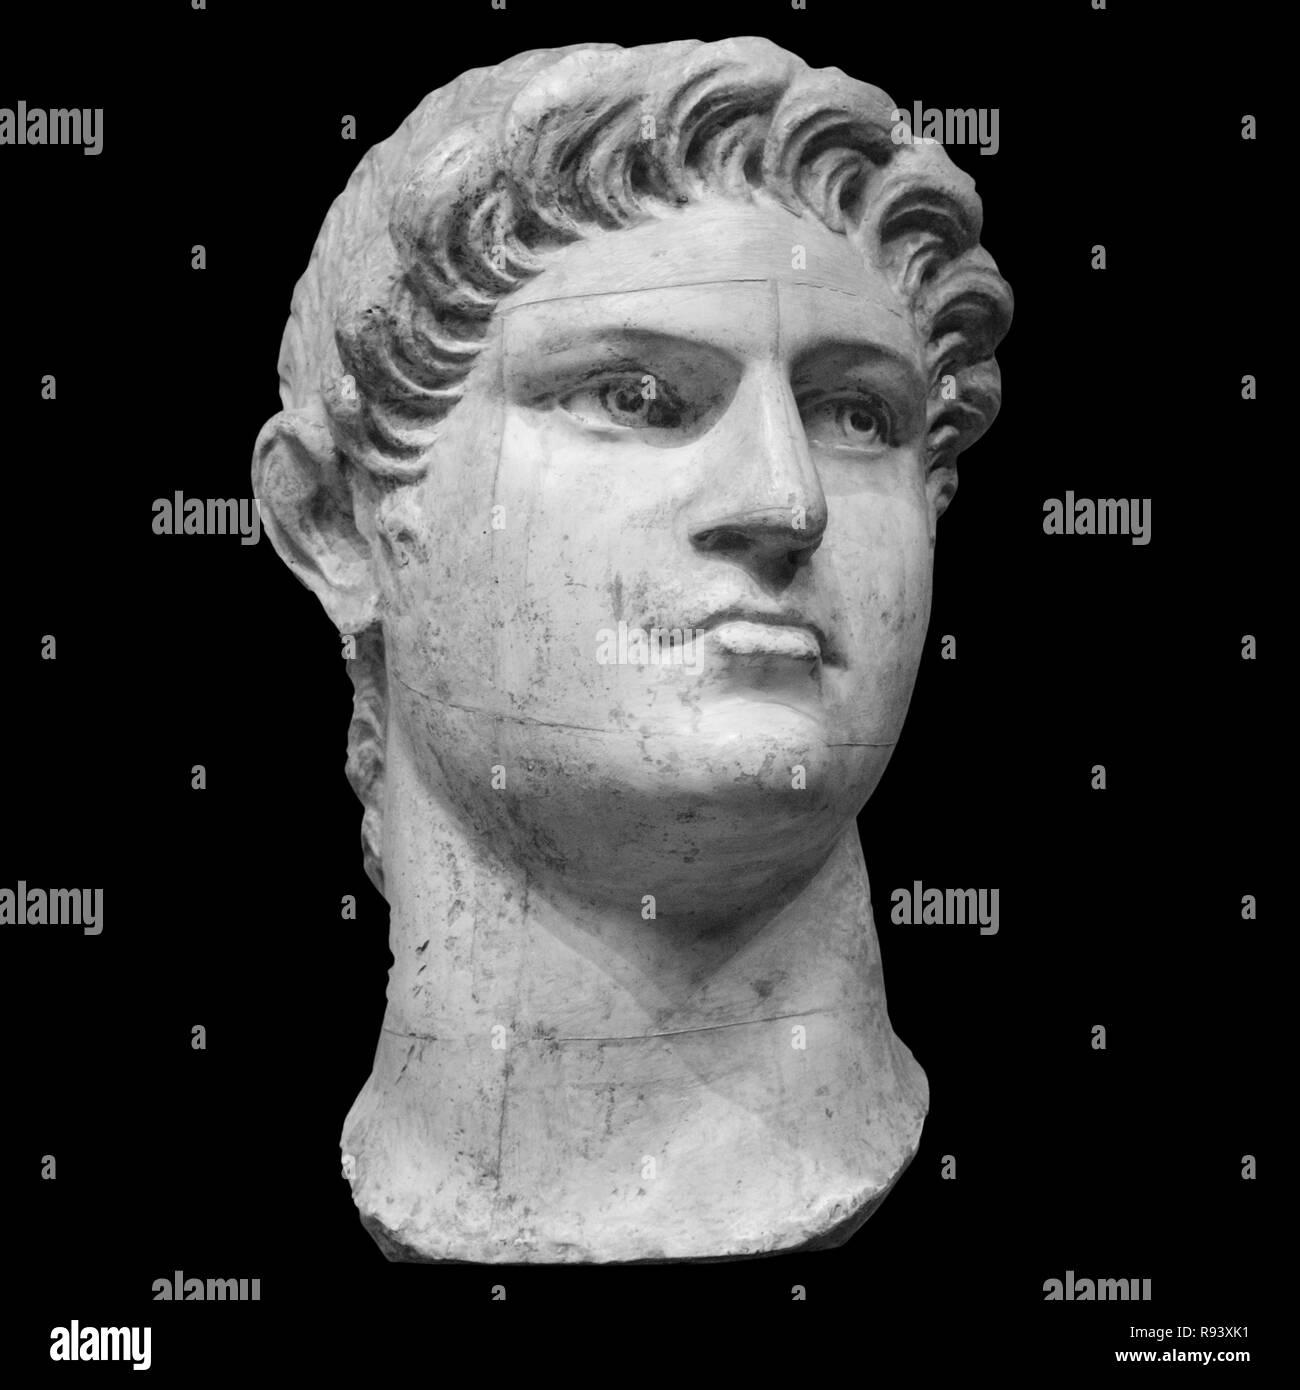 Portrait of roman emperor Nero Claudius Caesar Augustus Germanicus isolated on white background. - Stock Image